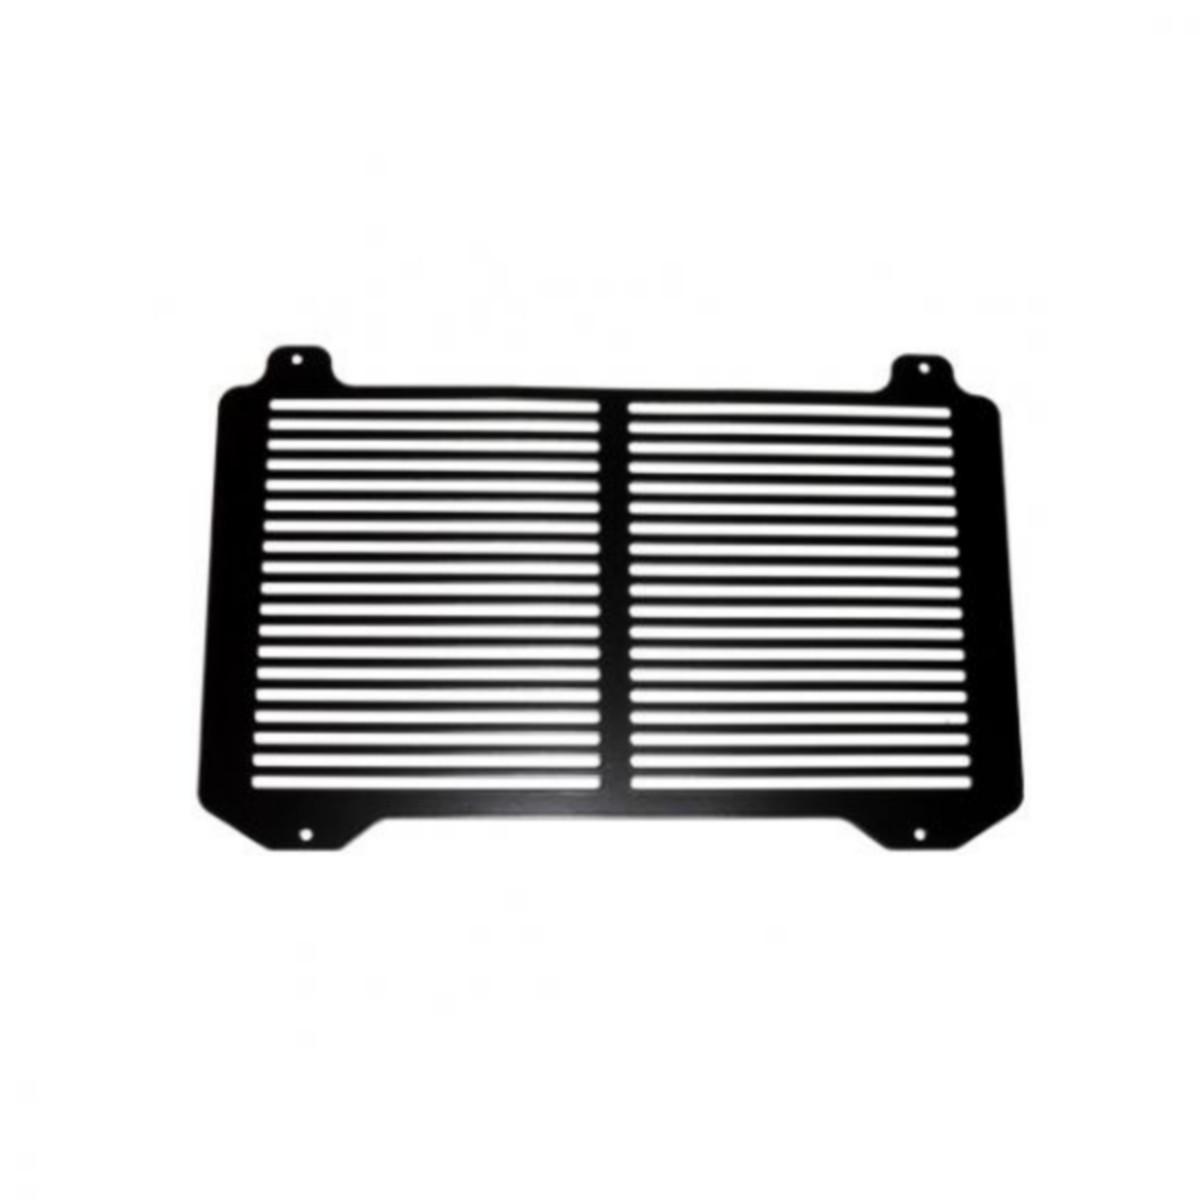 S159 Protetor De Radiador Sfv 650 Gladius 2013 a 2018